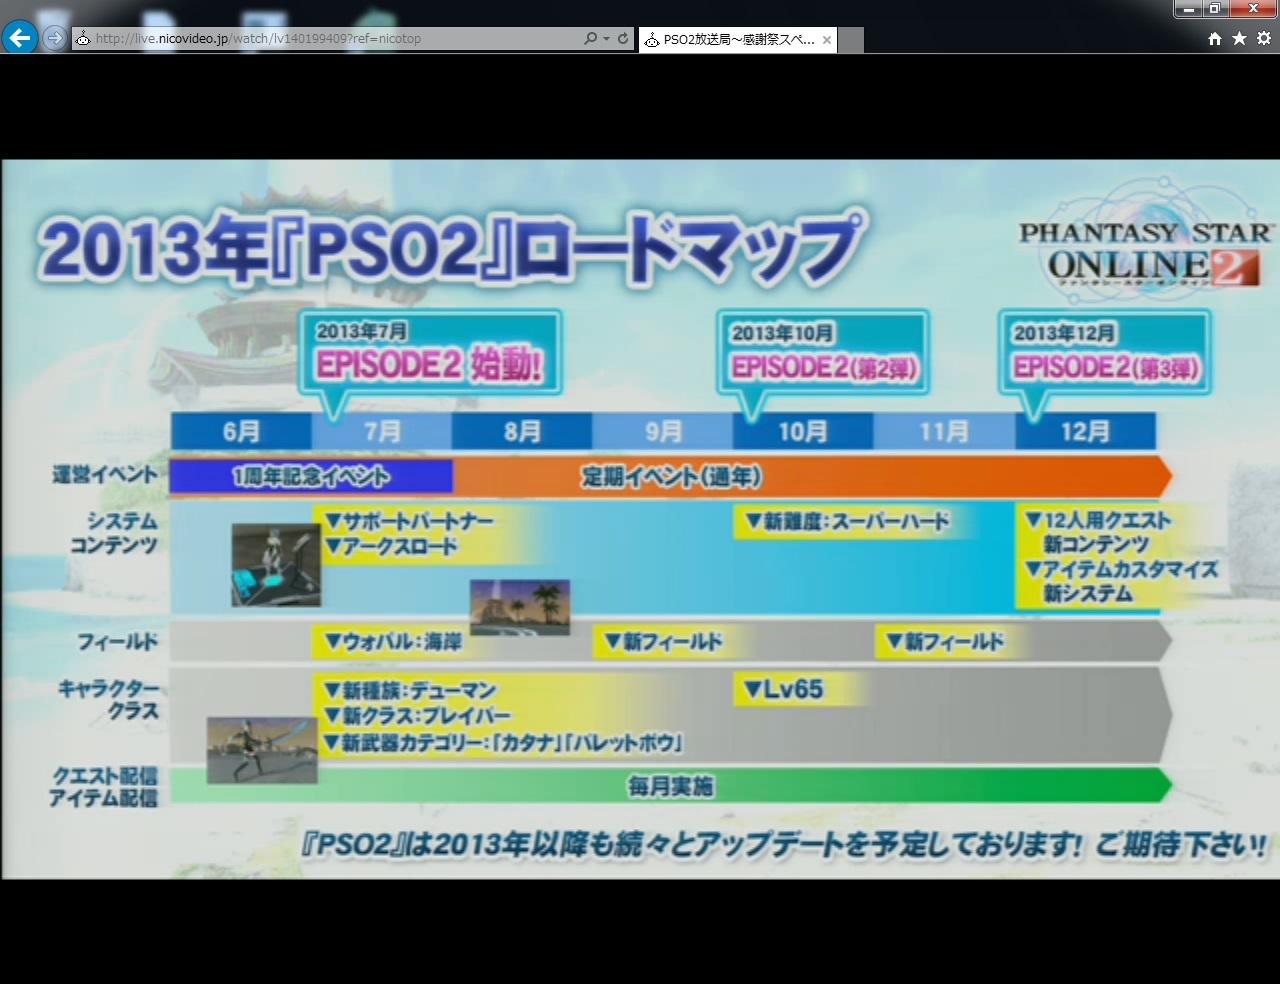 スケジュール Pso2 緊急